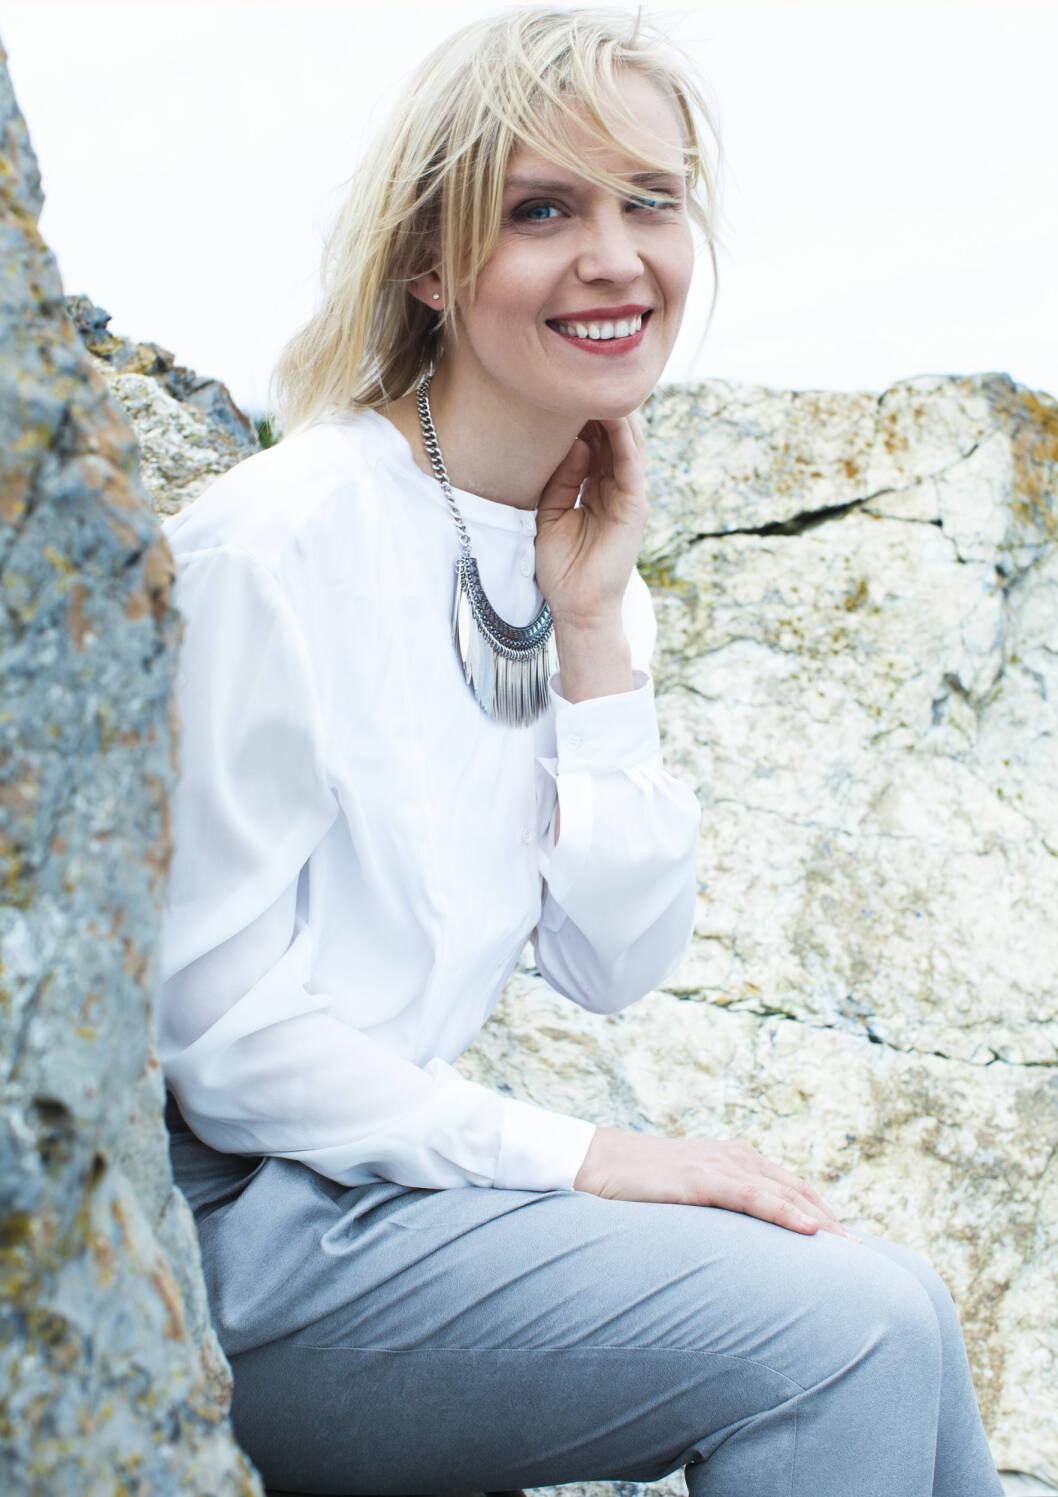 SUKSESSFORFATTER: Kjersti Annesdatter Skomsvold har hatt stor suksess med sine bøker.  Foto: All Over Press NorwayAll Over Pr